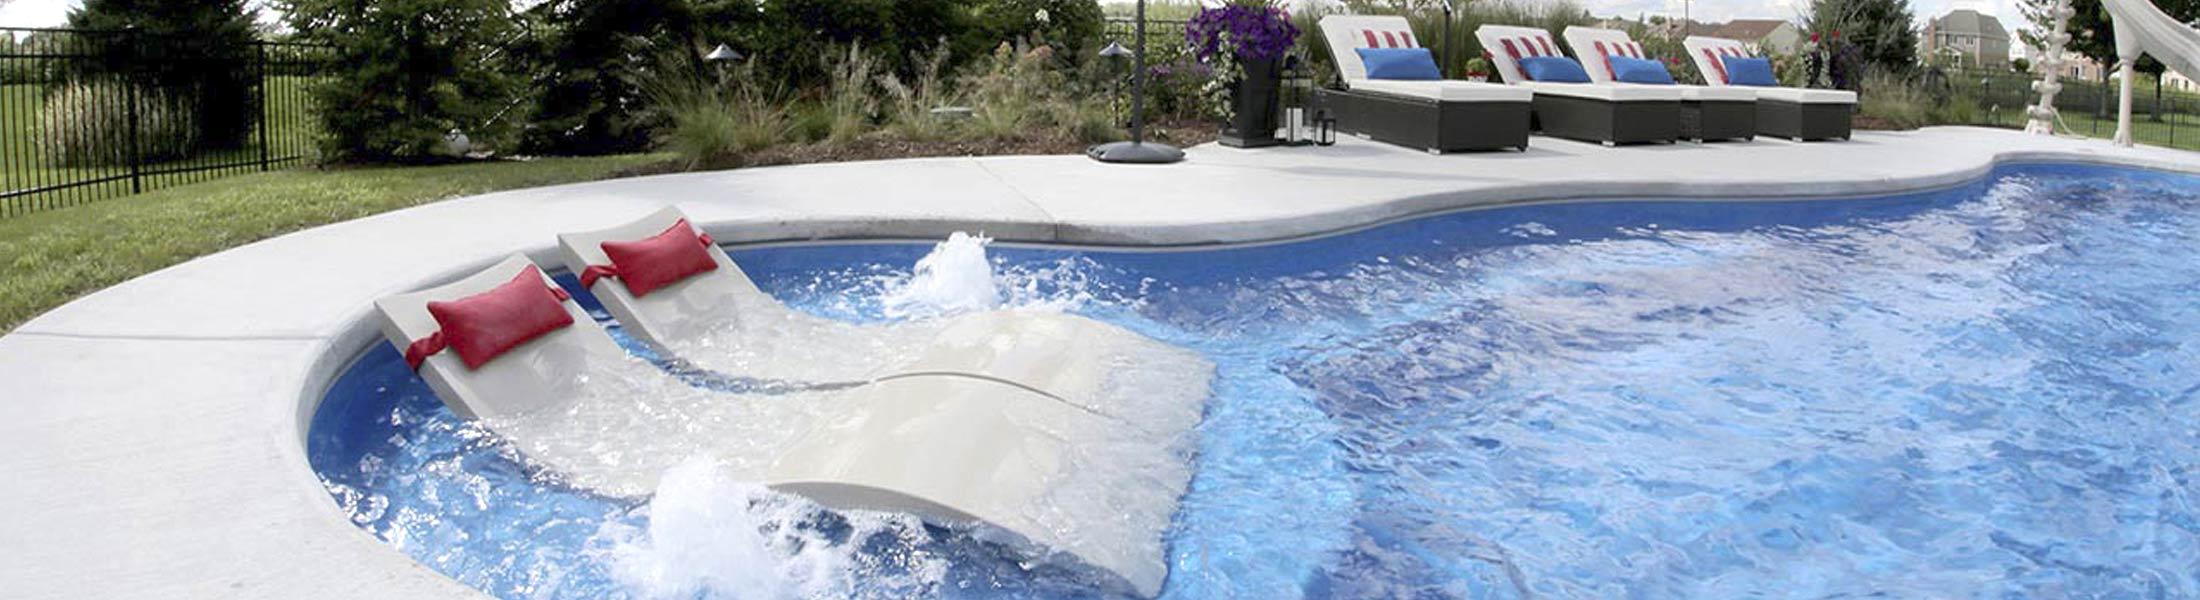 Doug S Pool And Spa